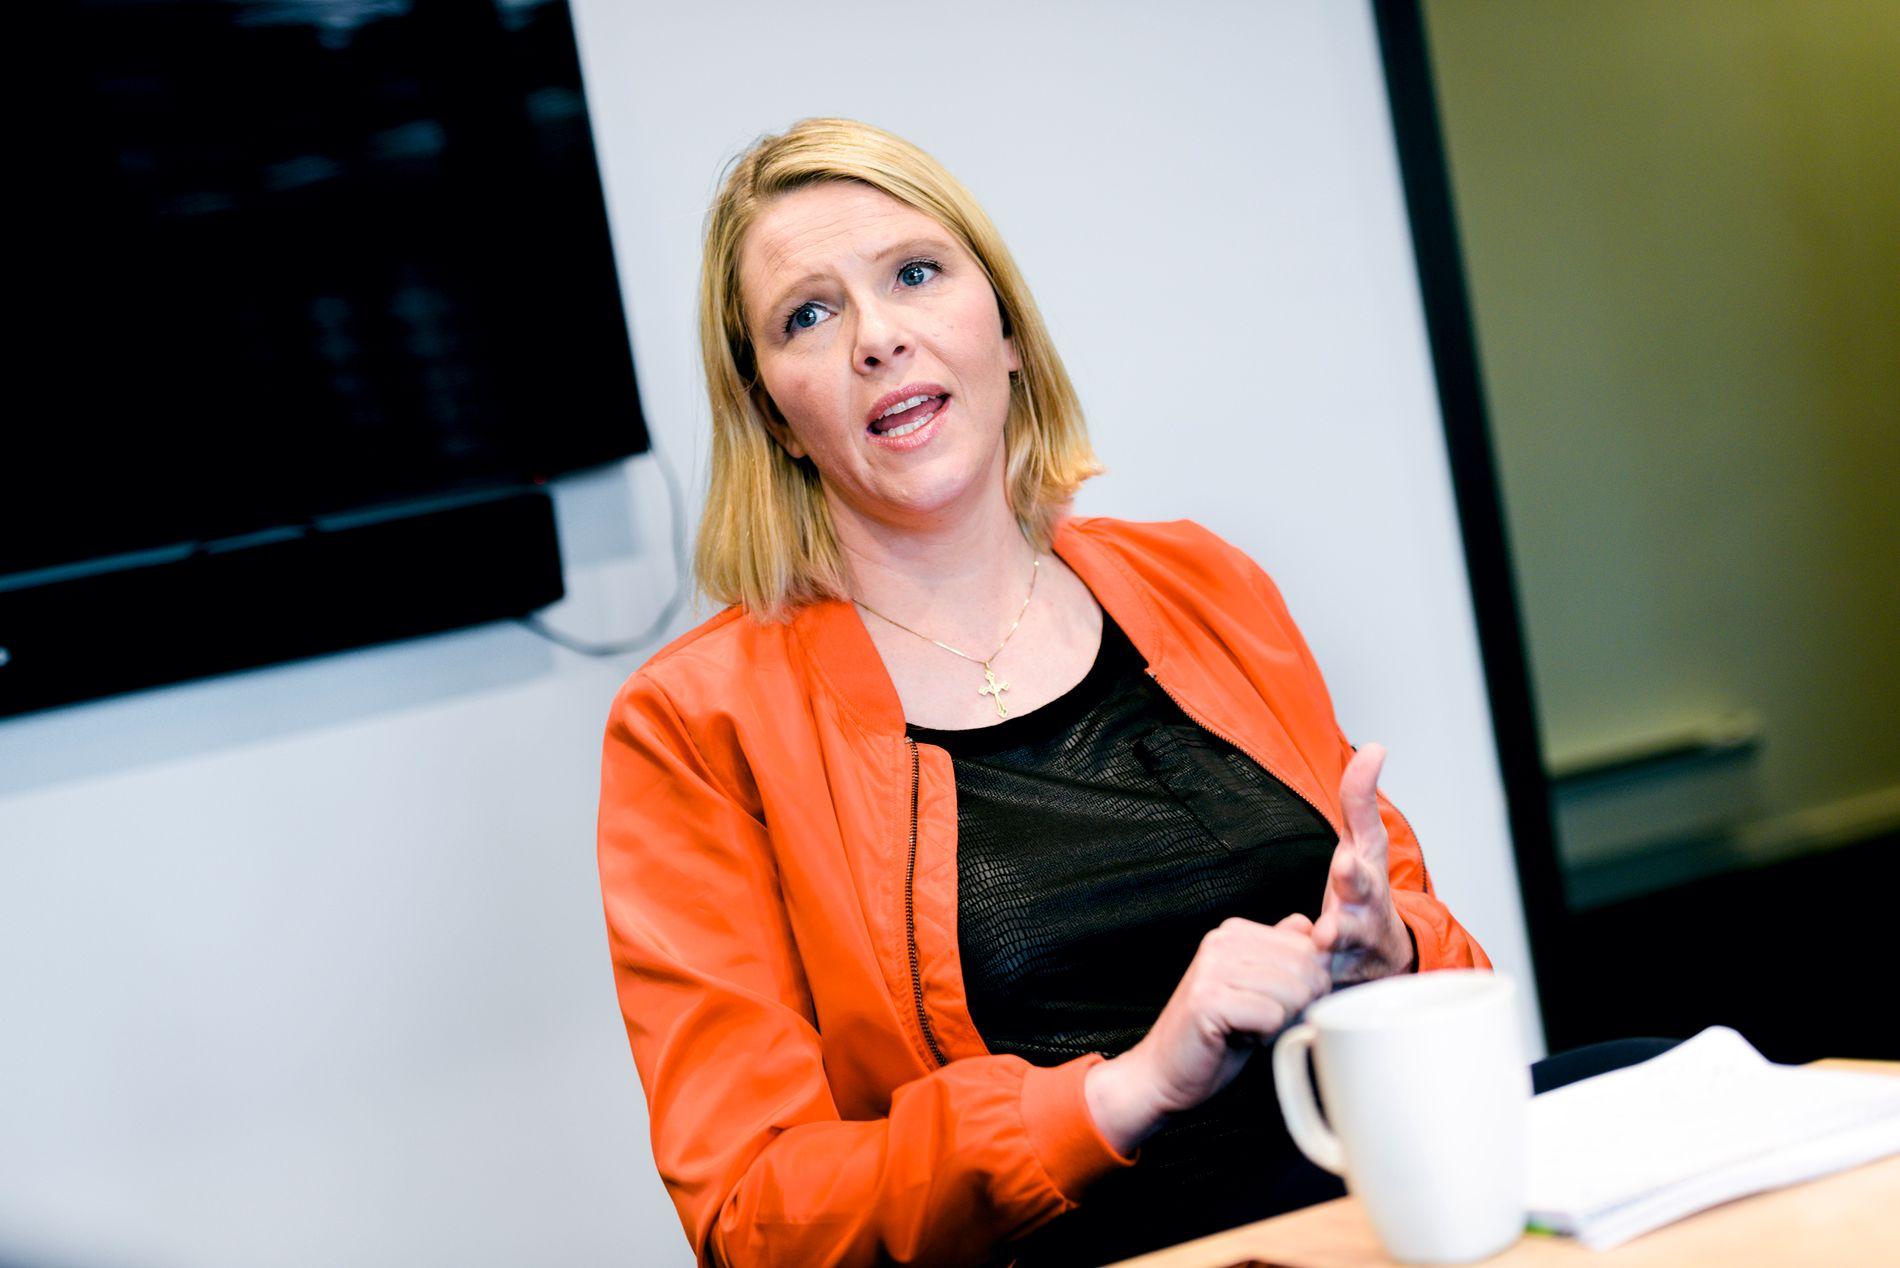 VIL HA VARIGE ENDRINGER: Innvandrings- og integreringsminister Sylvi Listhaug.